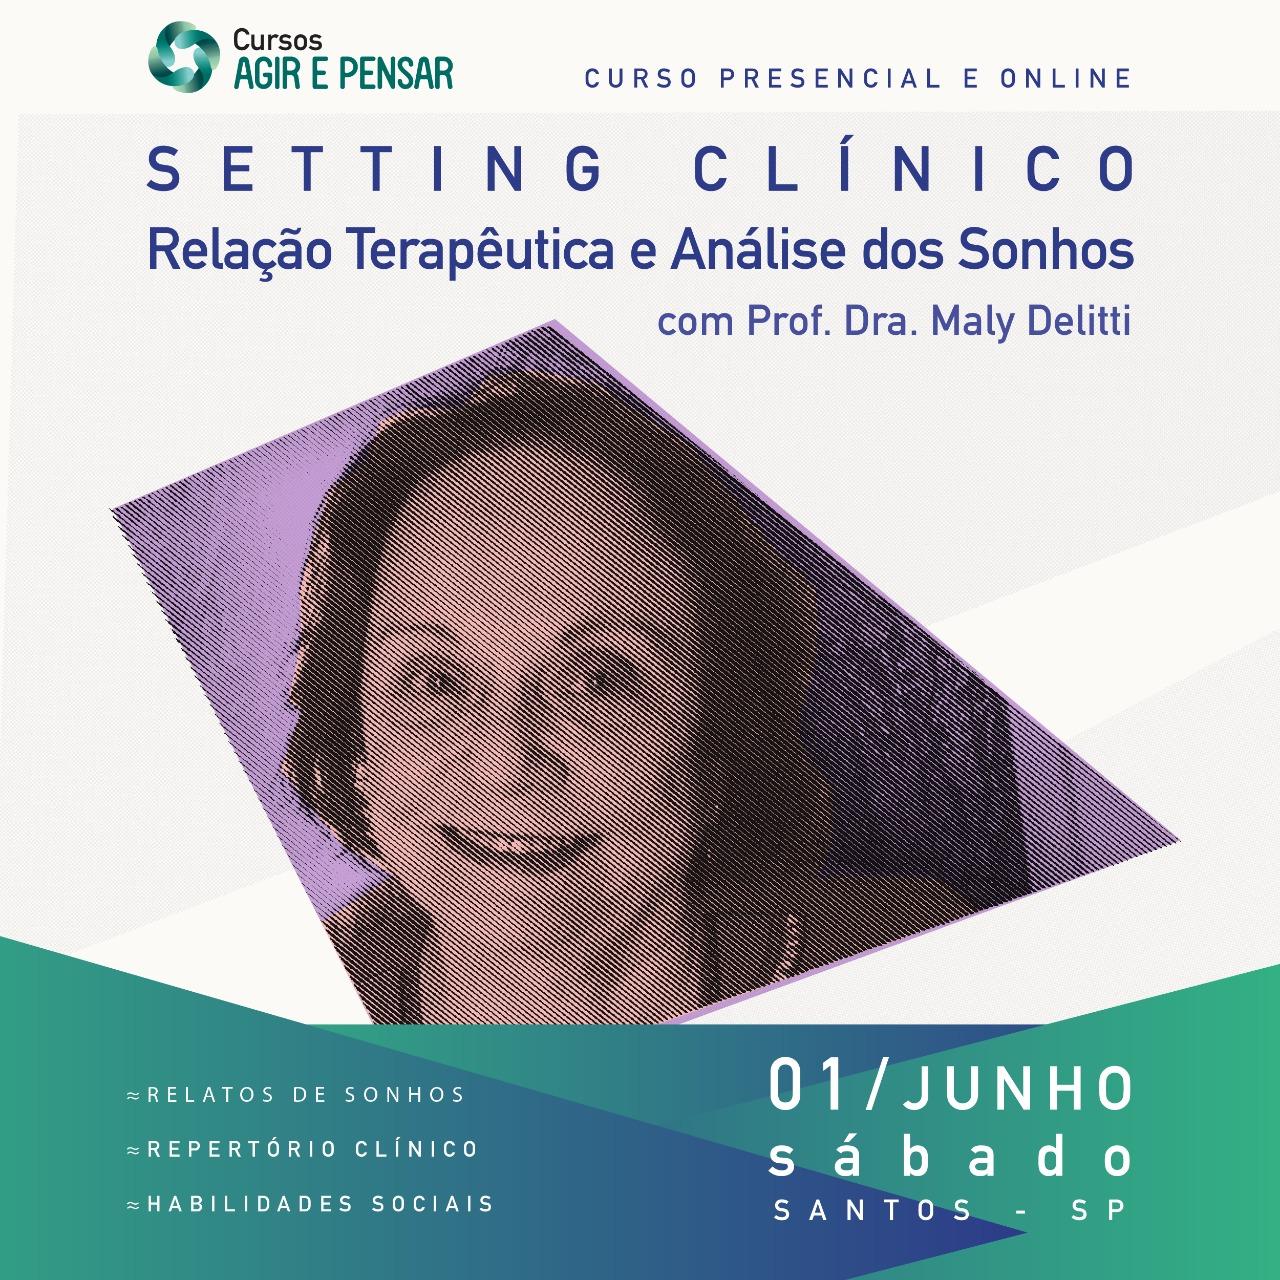 Setting Clinico Relaaoo terapeutica e Analise dos Sonhos